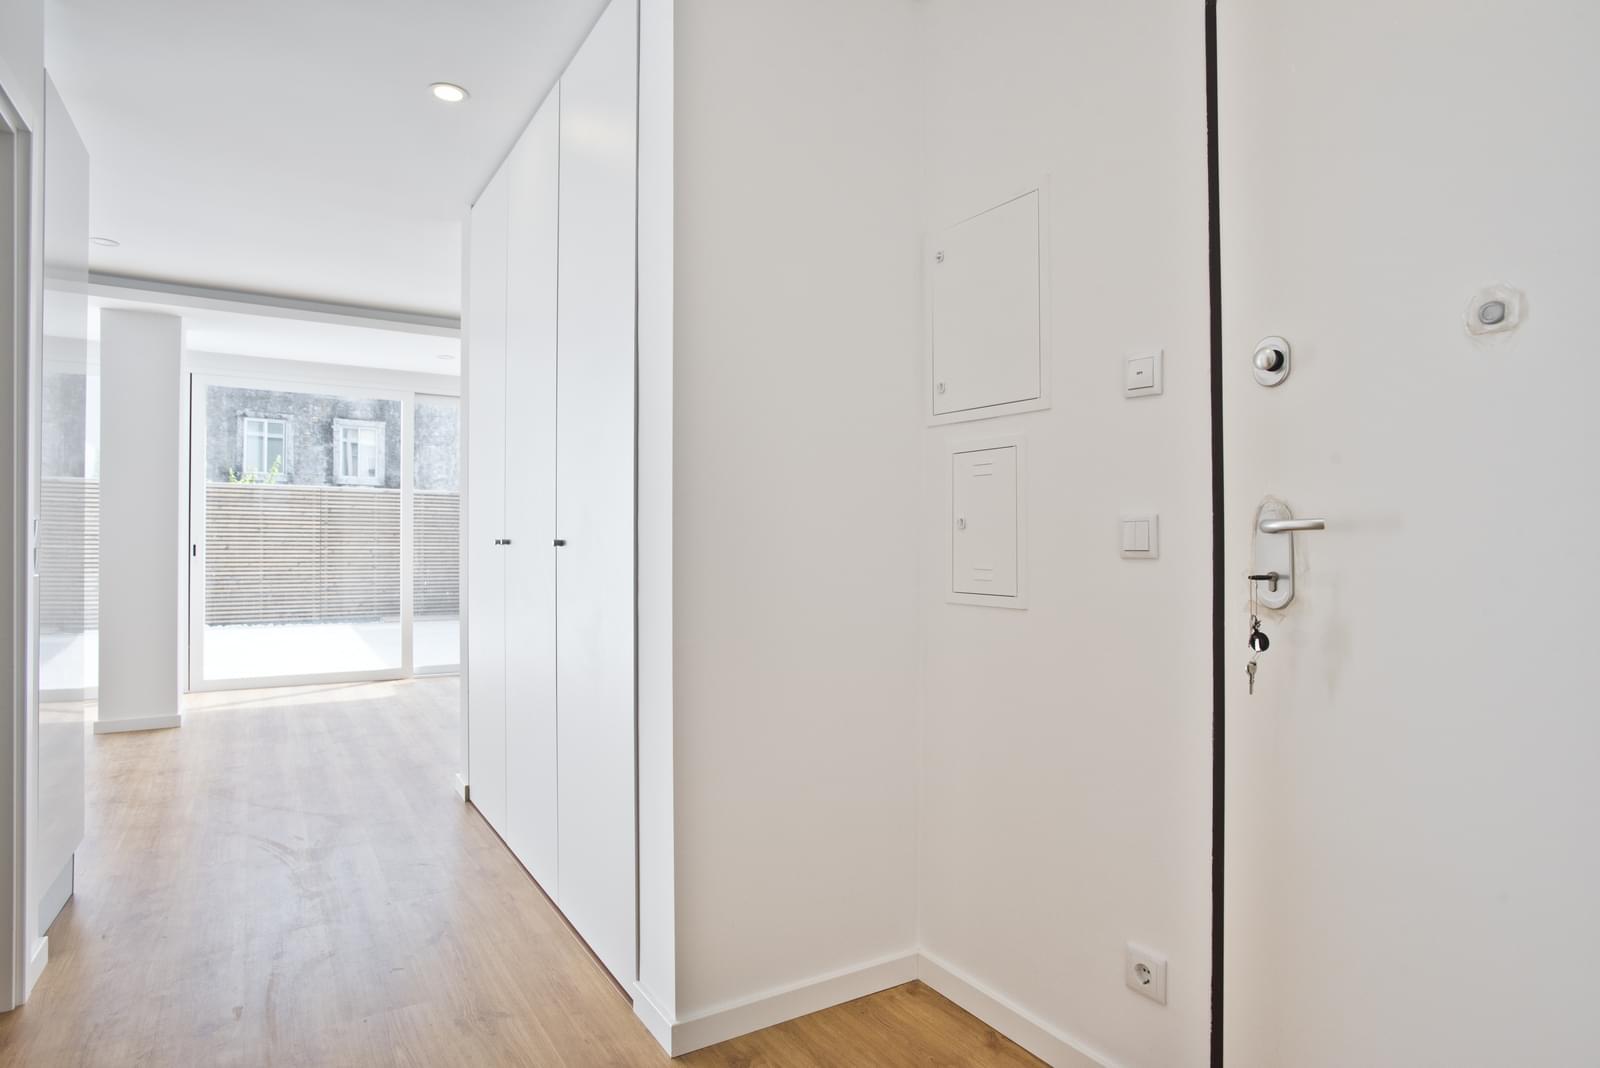 pf16986-apartamento-t2-cascais-bd437ff5-b9ff-4239-ad01-463ddf45846f